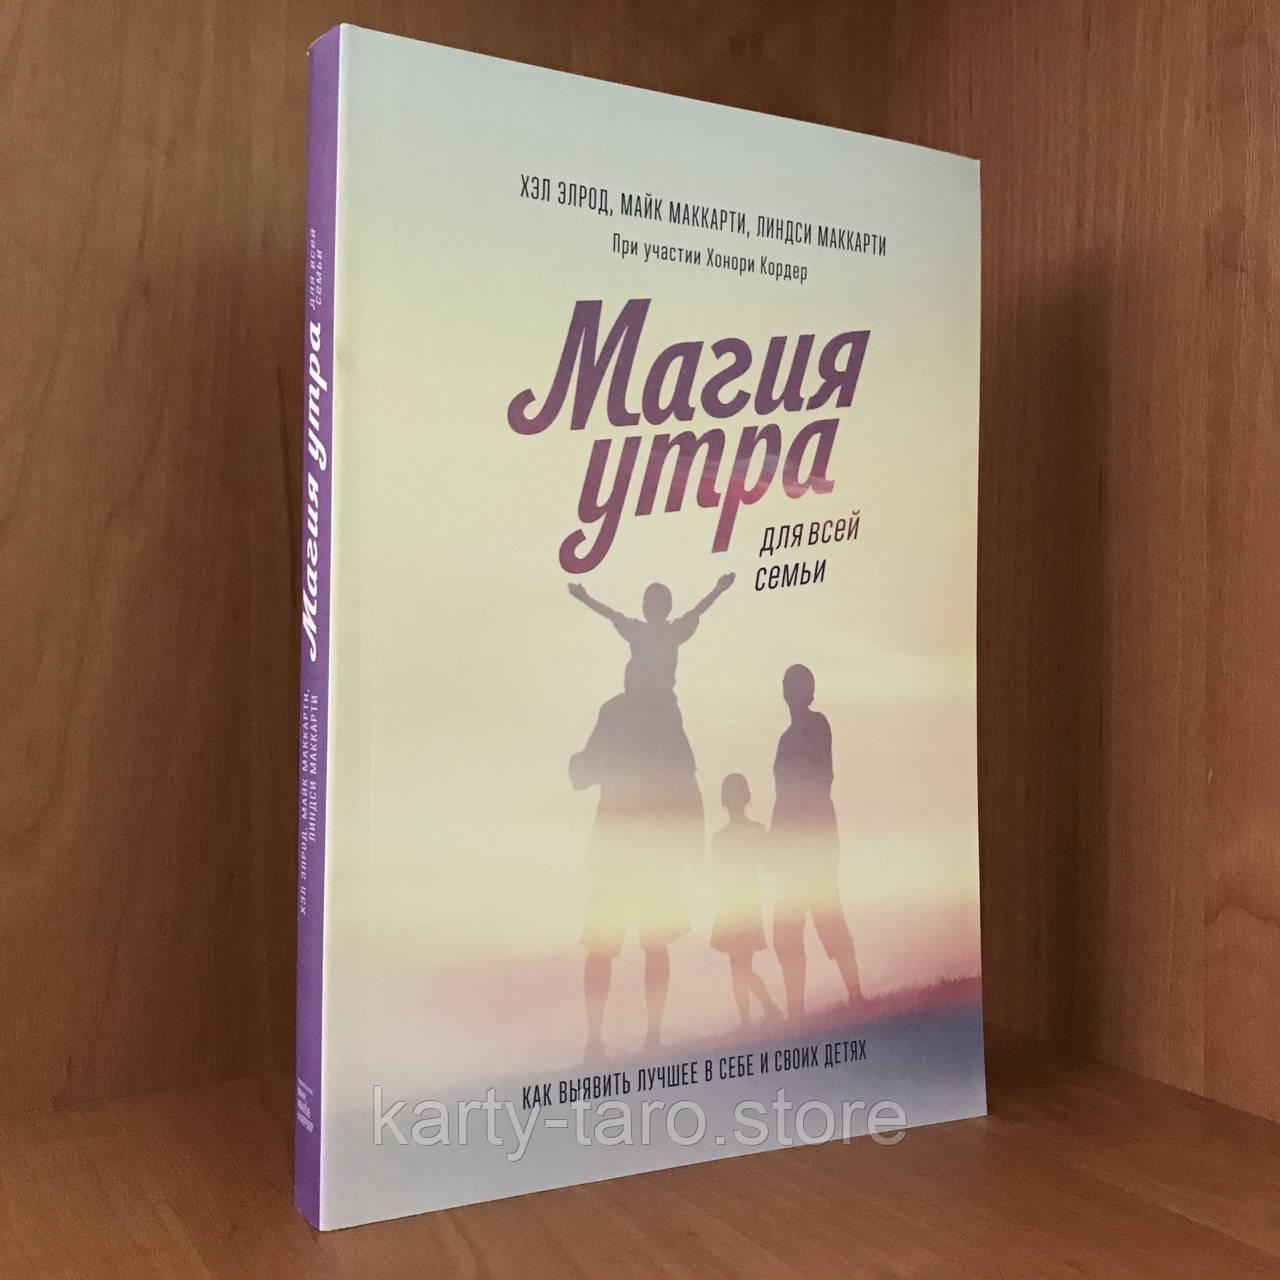 Книга Магія ранку для всієї родини. Як виявити краще в собі і своїх дітях - Хел Элрод